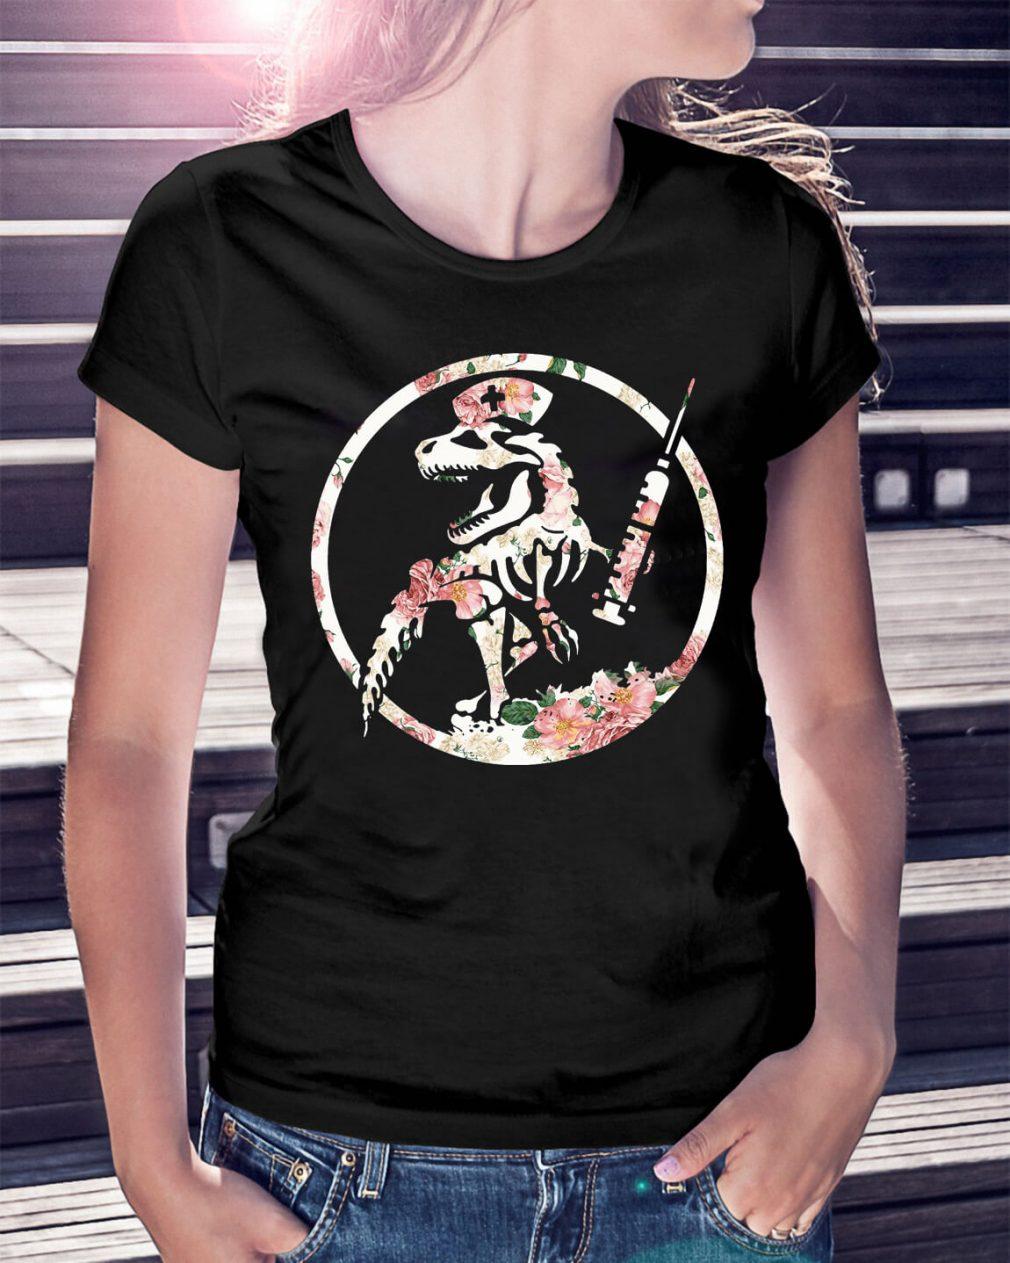 Nurse dinosaur shirt